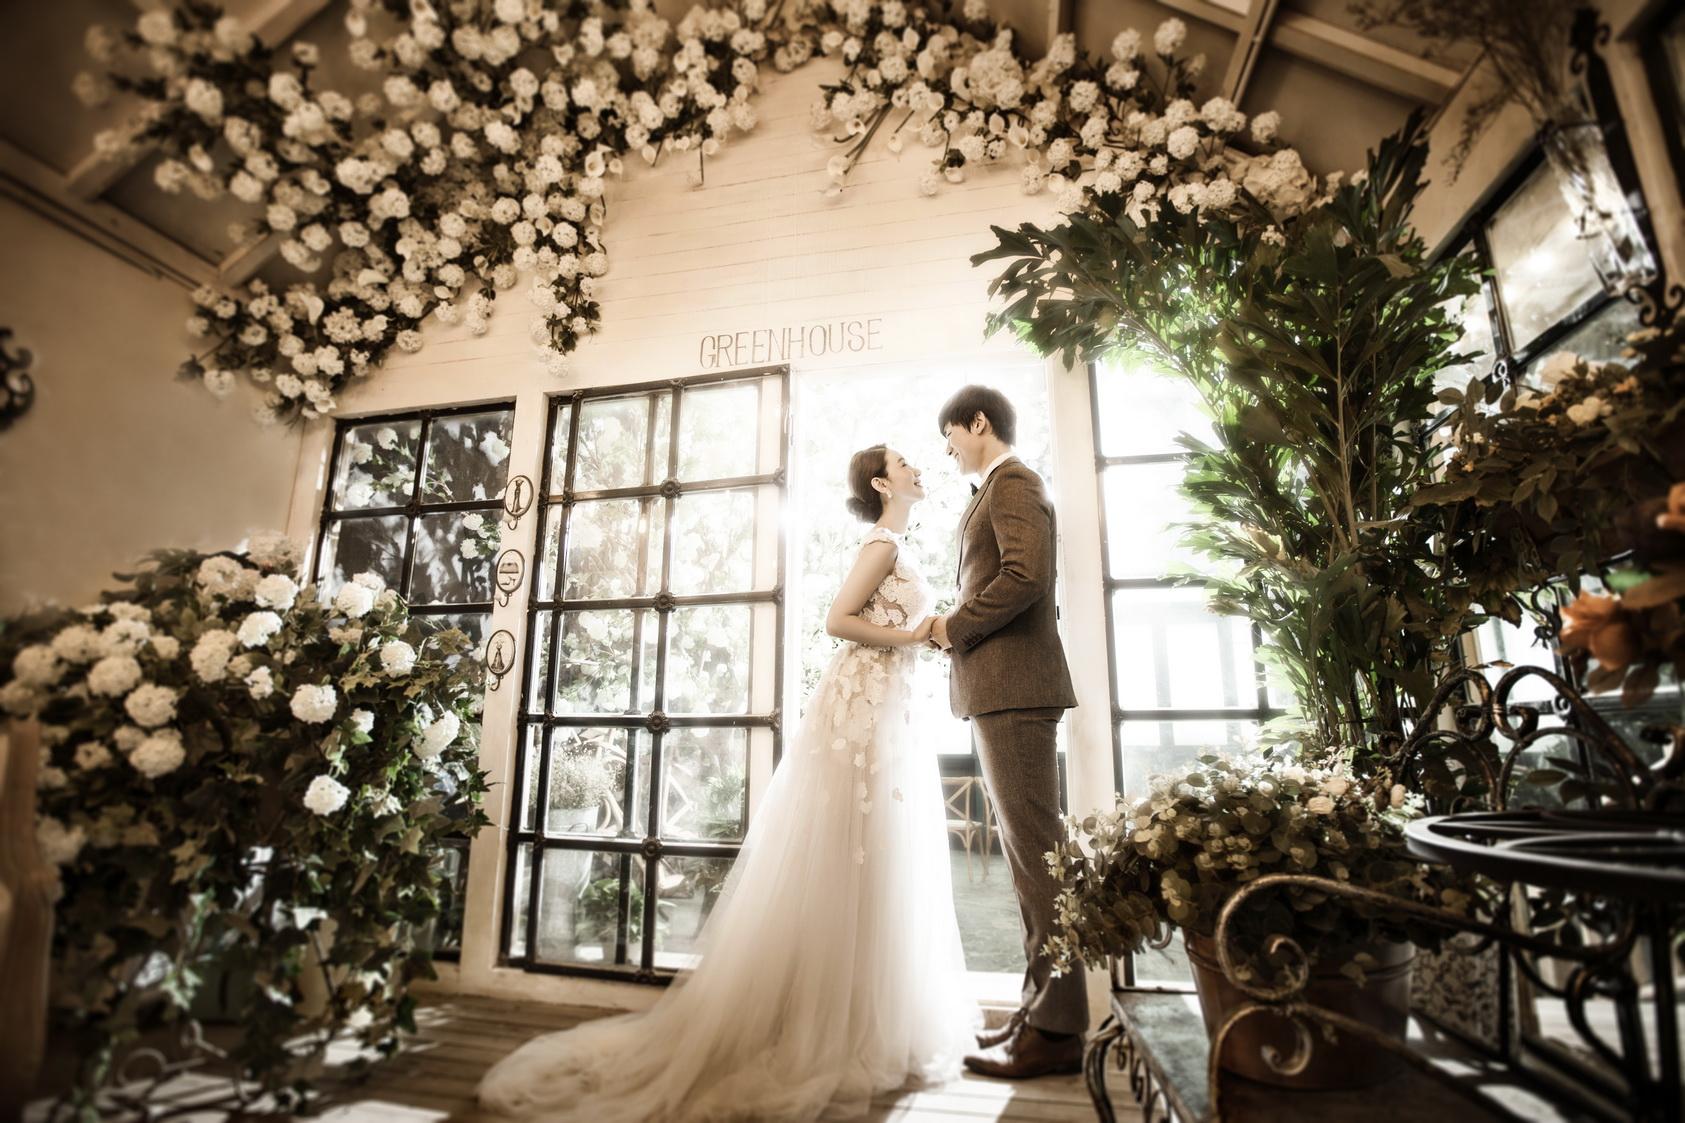 如何挑选婚纱照,苏州拍摄婚纱照,苏州婚纱摄影,怎么挑选靠谱的婚纱摄影